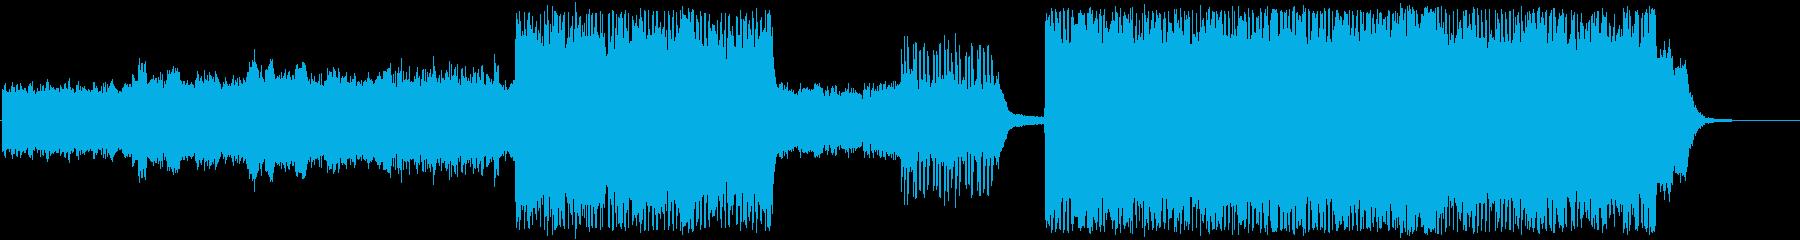 幻想的なテクスチャー ドラムンベースの再生済みの波形